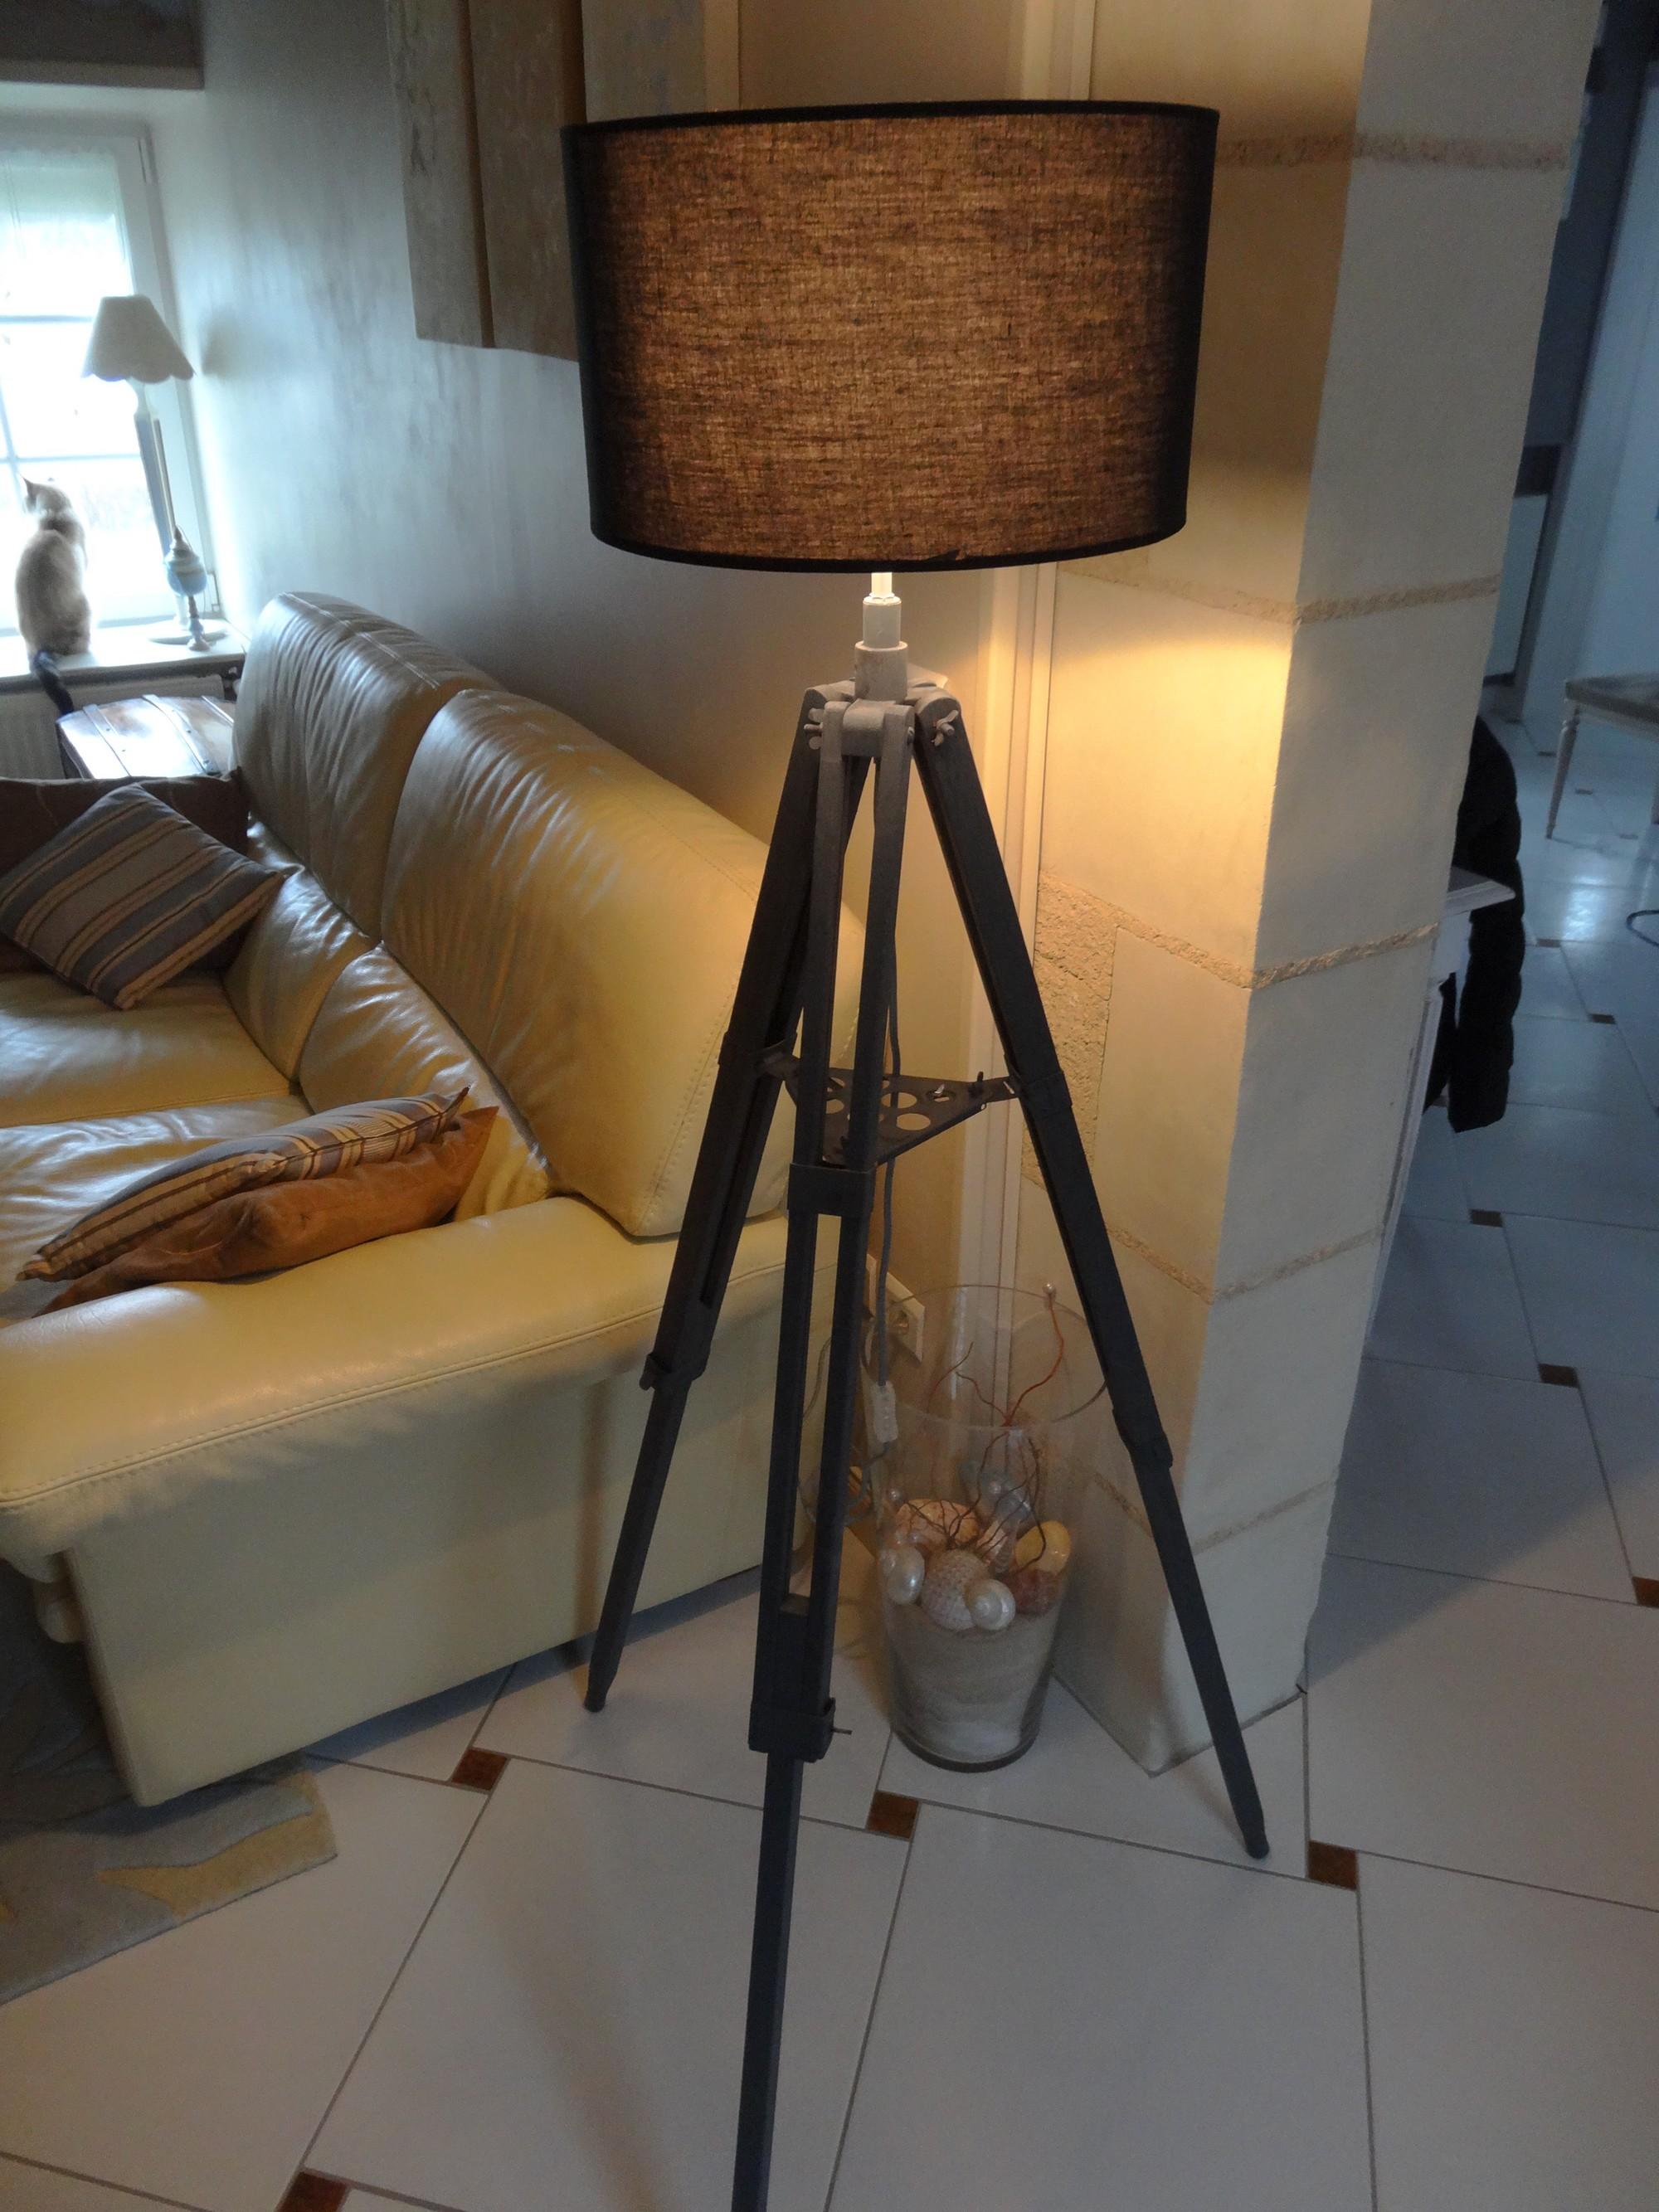 Lampe r alis e partir d un tr pied de photographe anjoudeco - Lampe de photographe ...